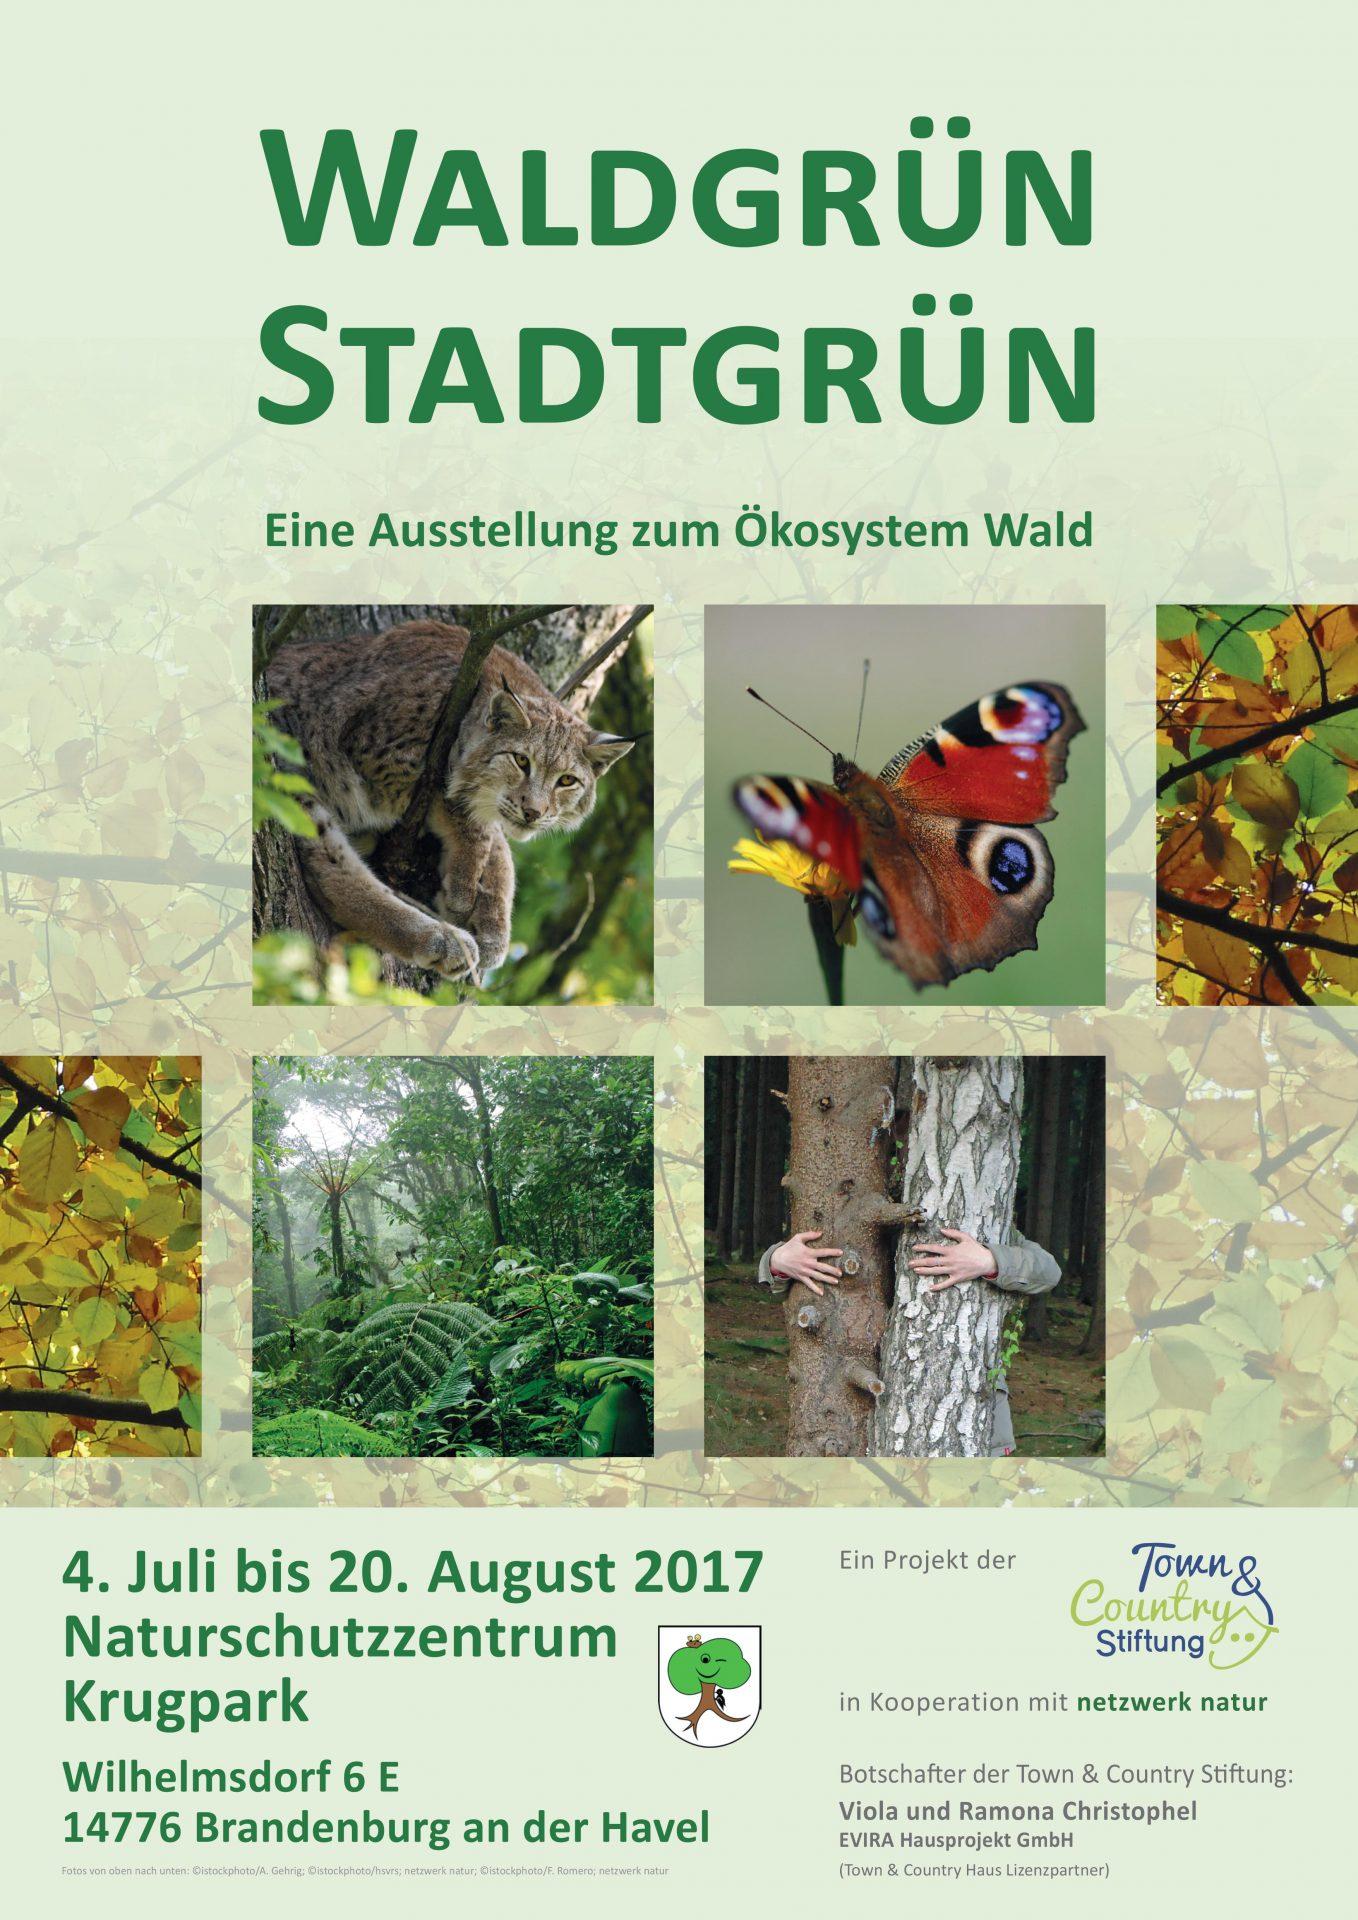 netzwerk natur, Plakat zur Wanderausstellung WALDGRÜN - STADTGRÜN in Brandenburg an der Havel